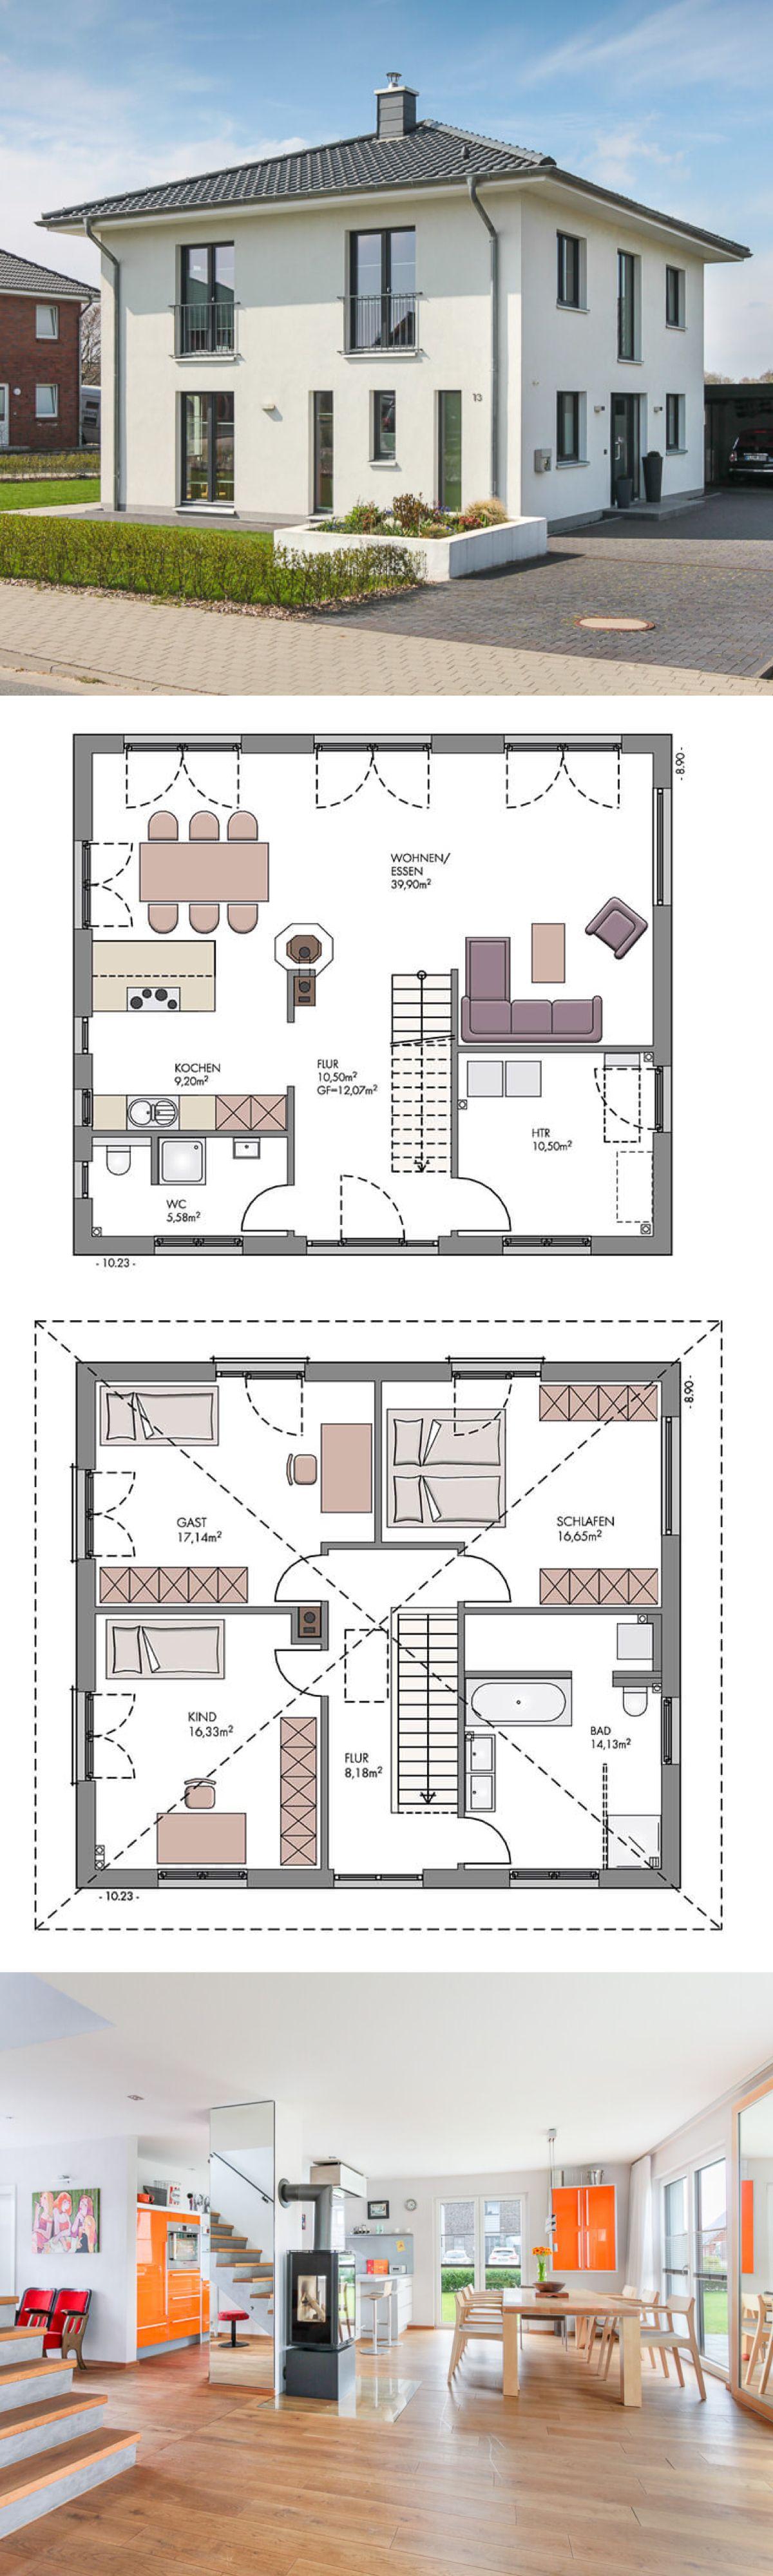 Stadtvilla Neubau modern Bauhausstil Design, Kamin & Zeltdach ...